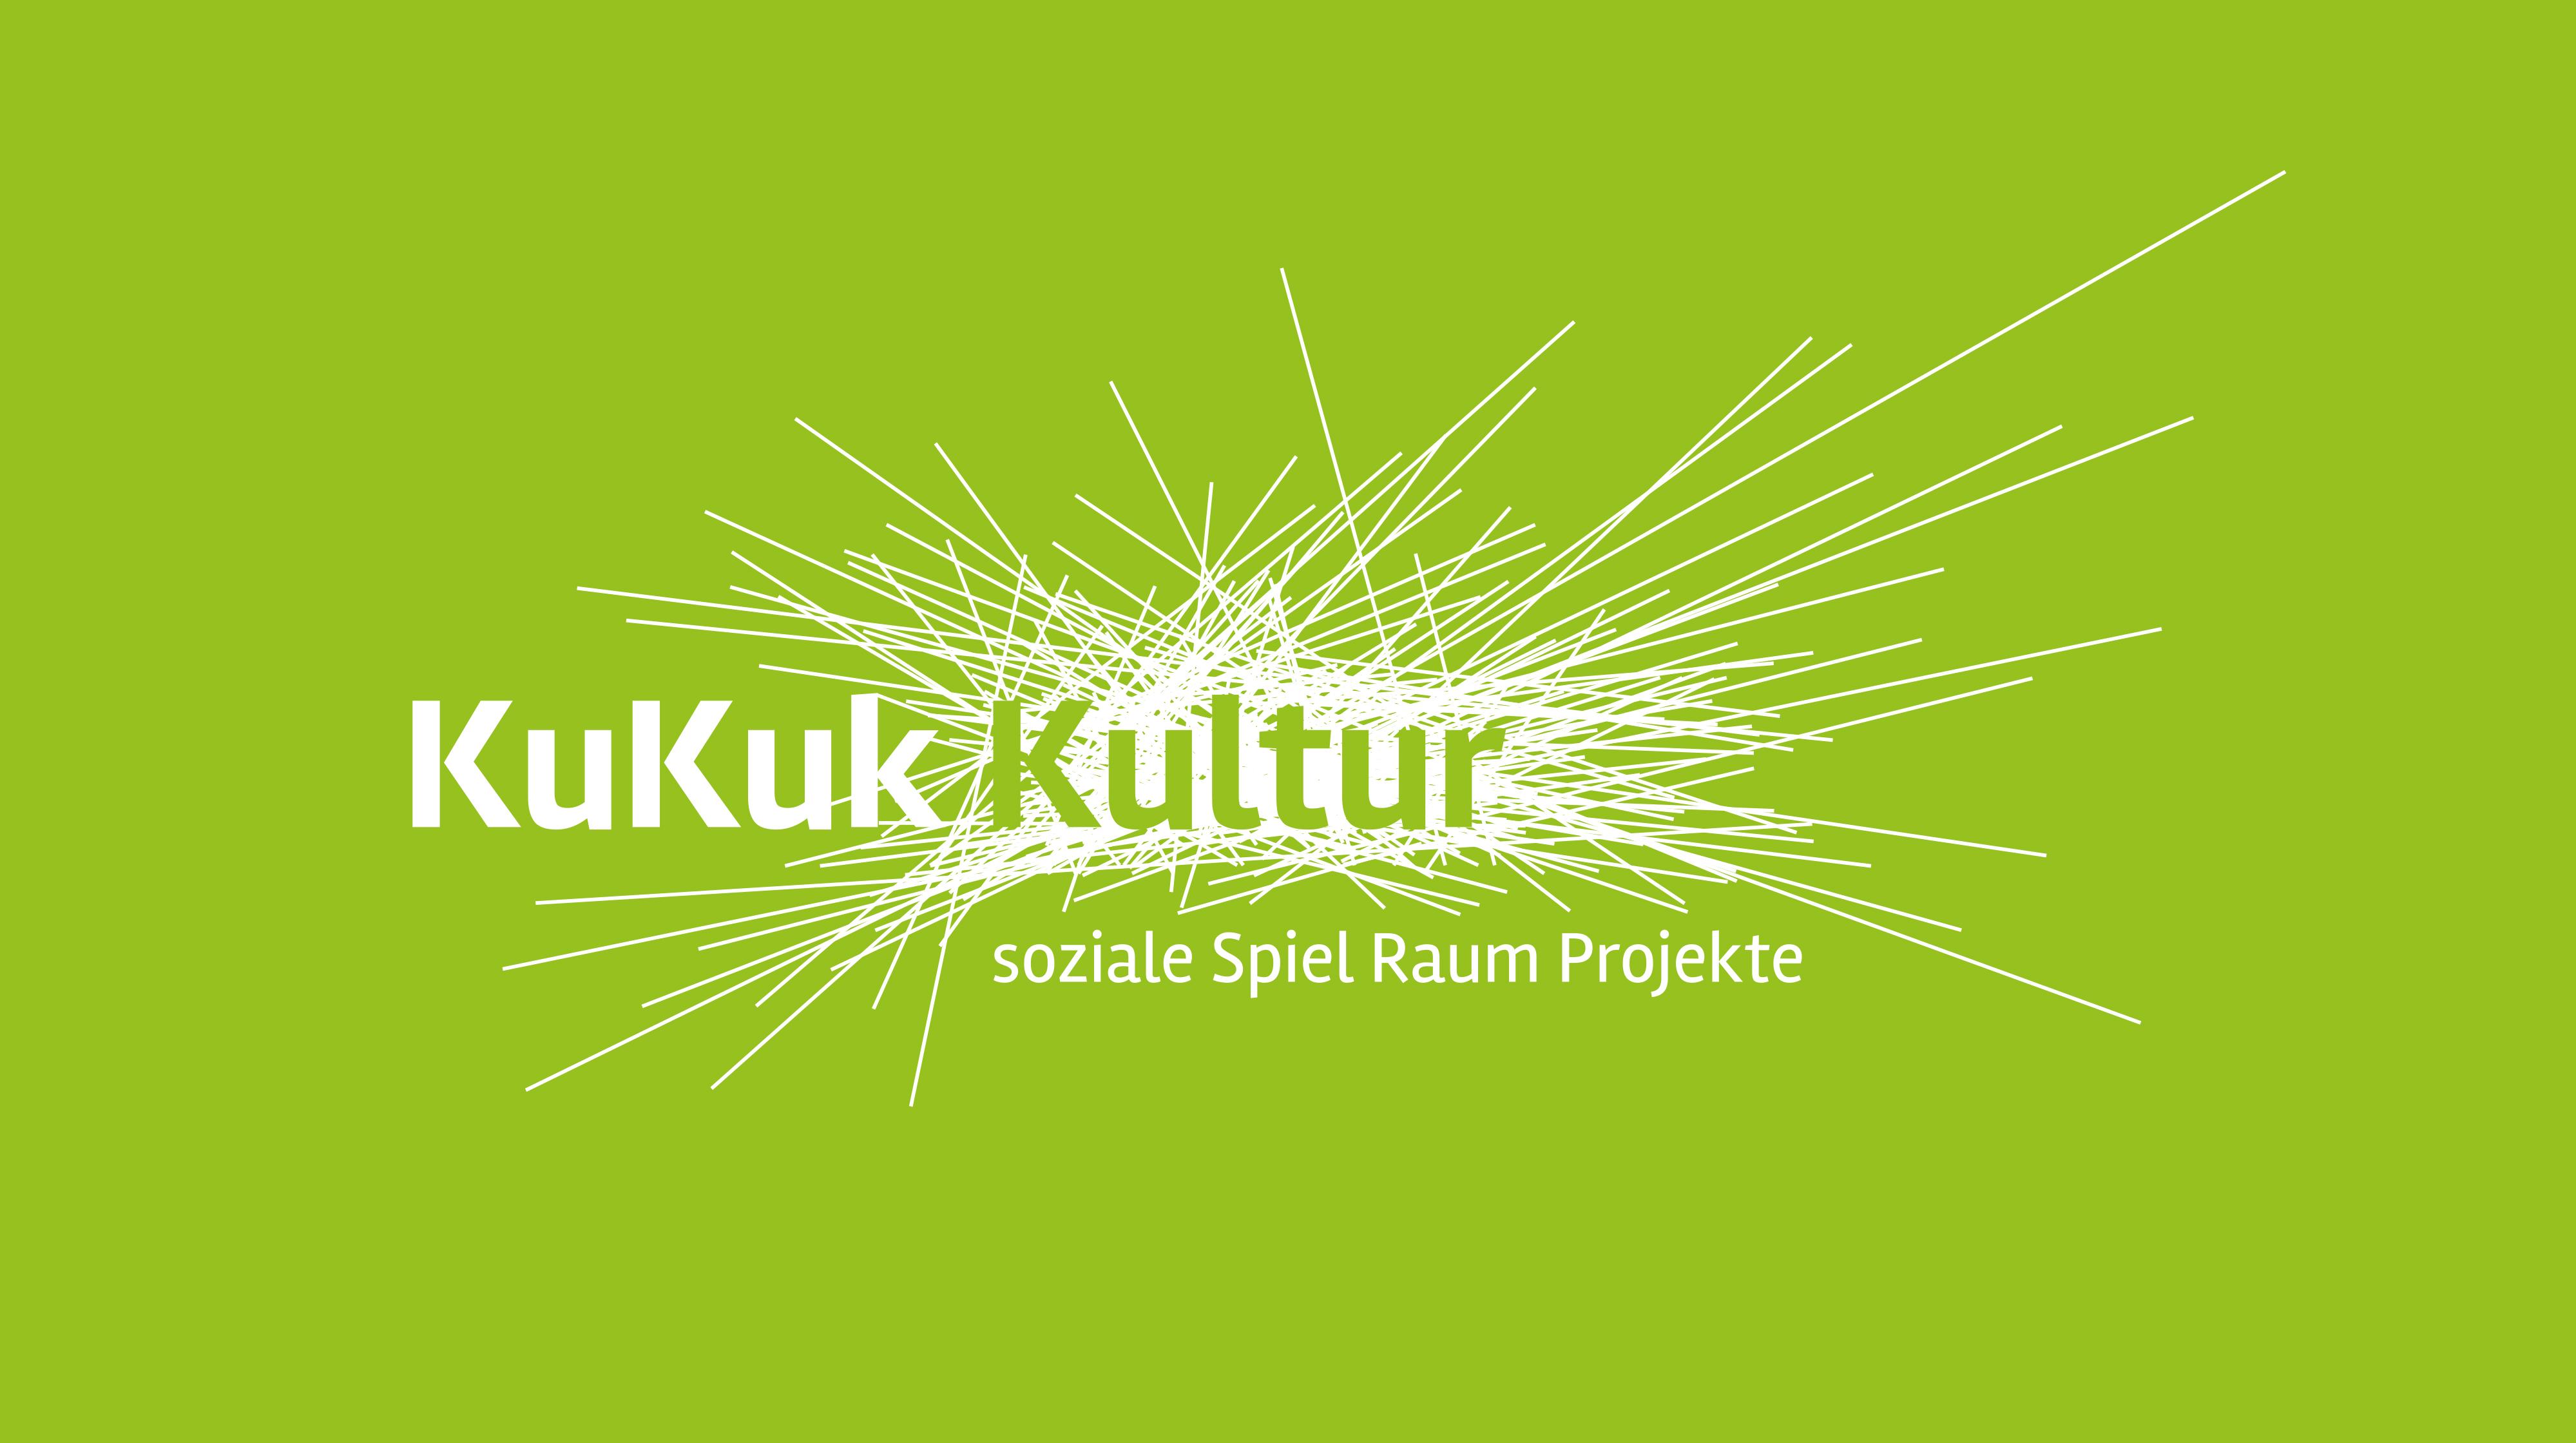 Kukuk Kultur